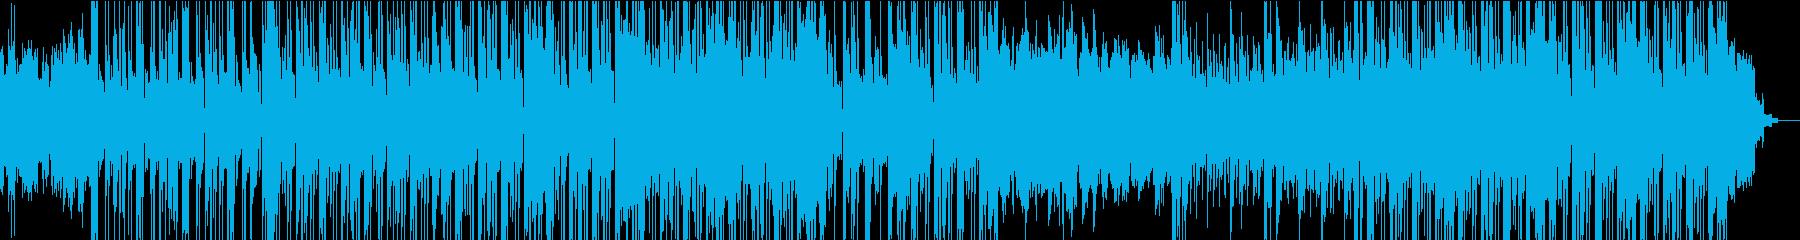 シンセによるハードエッジのダウンテンポの再生済みの波形